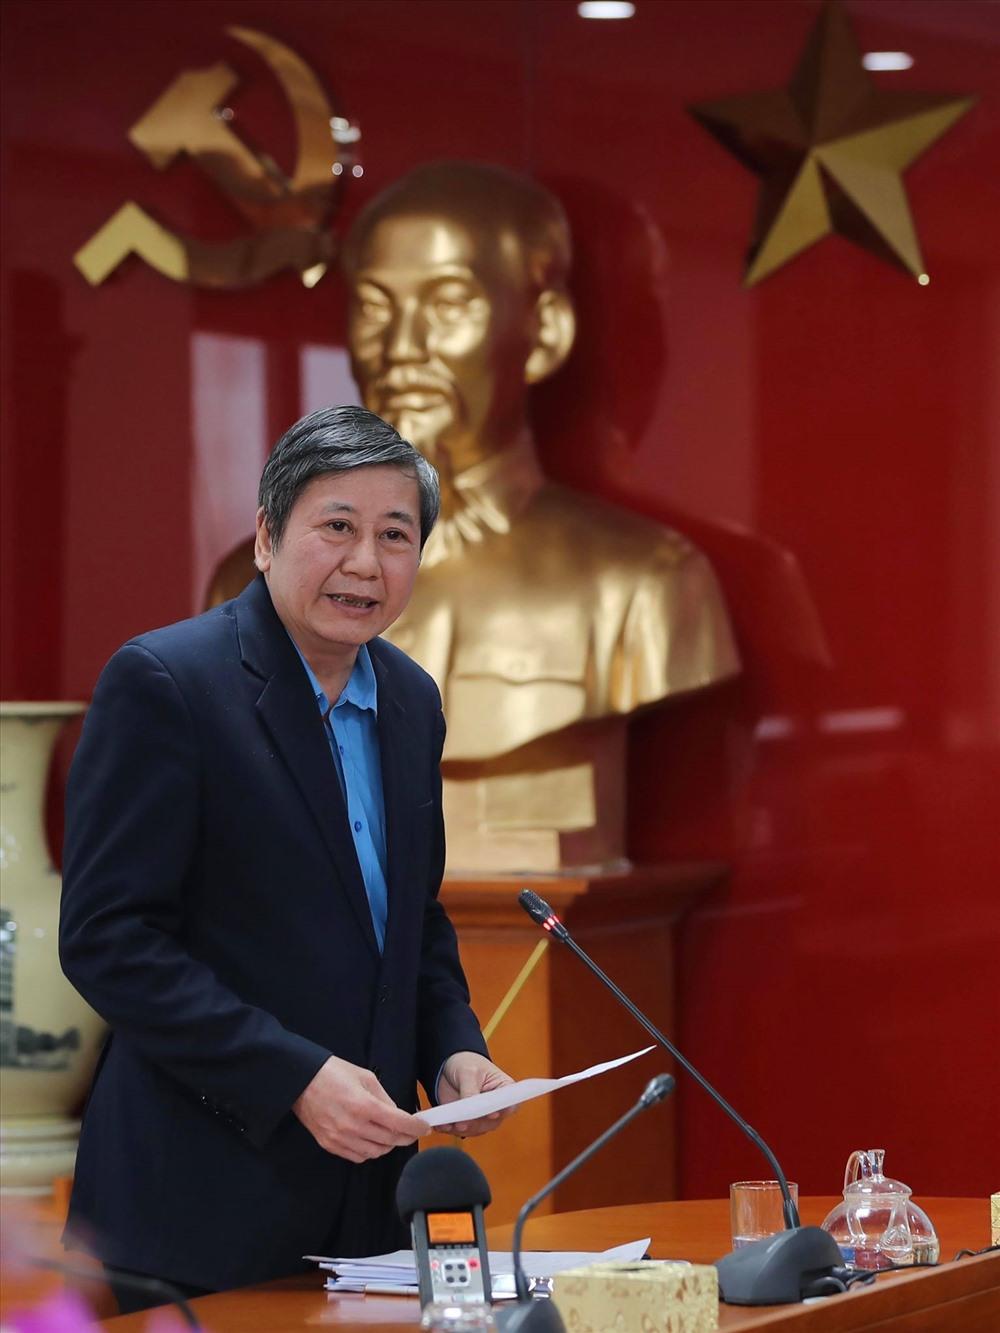 Phó Chủ tịch Thường trực Tổng LĐLĐVN Trần Thanh Hải điều hành hội nghị. Ảnh: Sơn Tùng